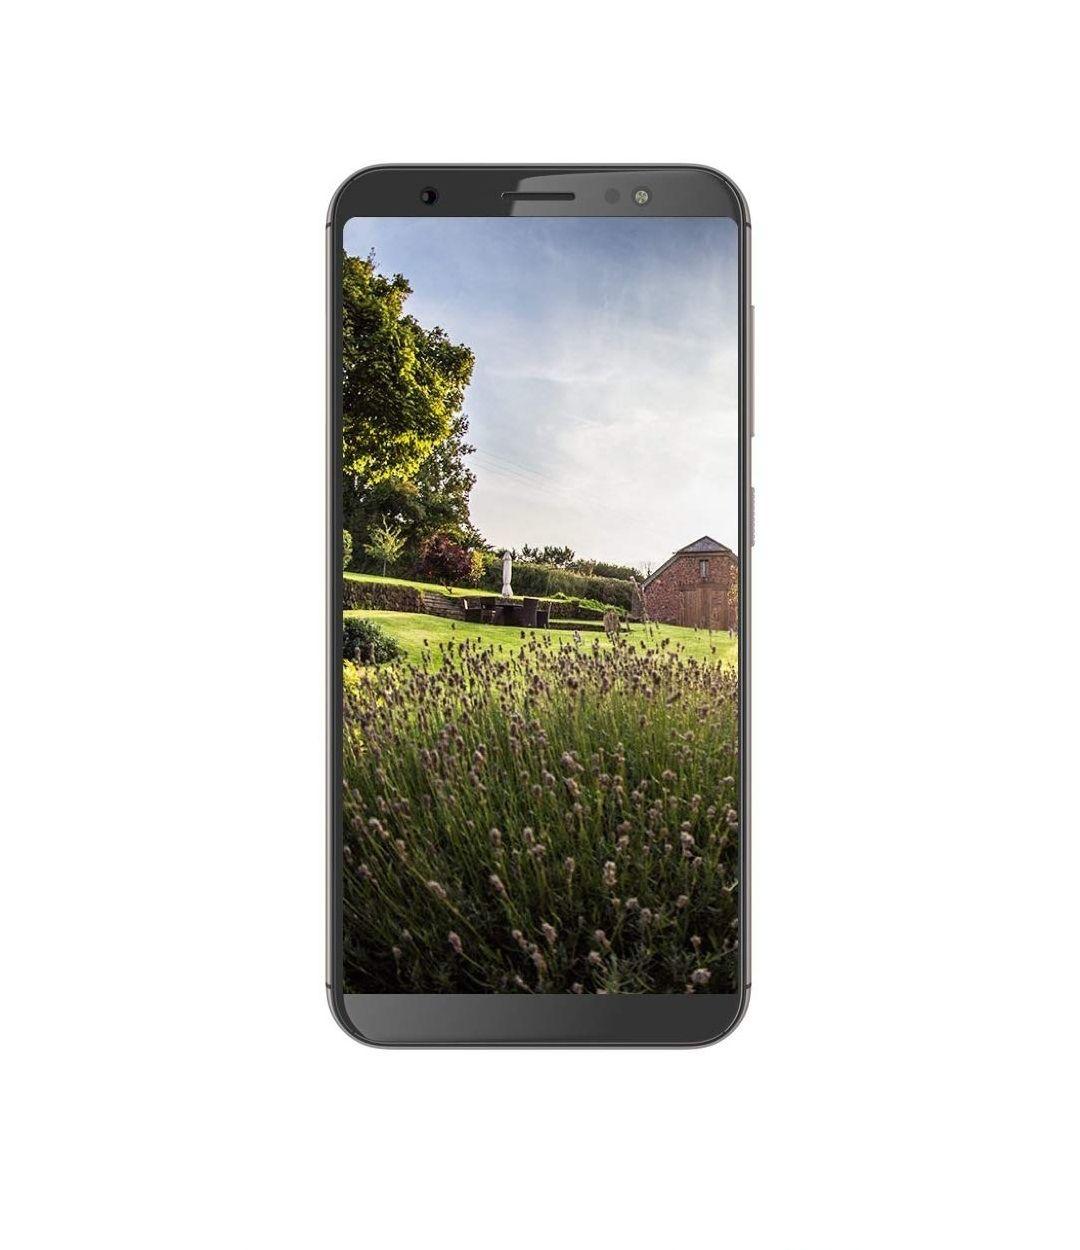 (Amazon Blitzangebot) Gigaset GS185 Smartphone - 18:9 Touch-Display (5,5 Zoll); 16GB Speicher – (Slot für 256 GB Zusatzspeicher, Android 8.1); Dual-Sim; Fingersensor; Made in Germany - Metal Cognac